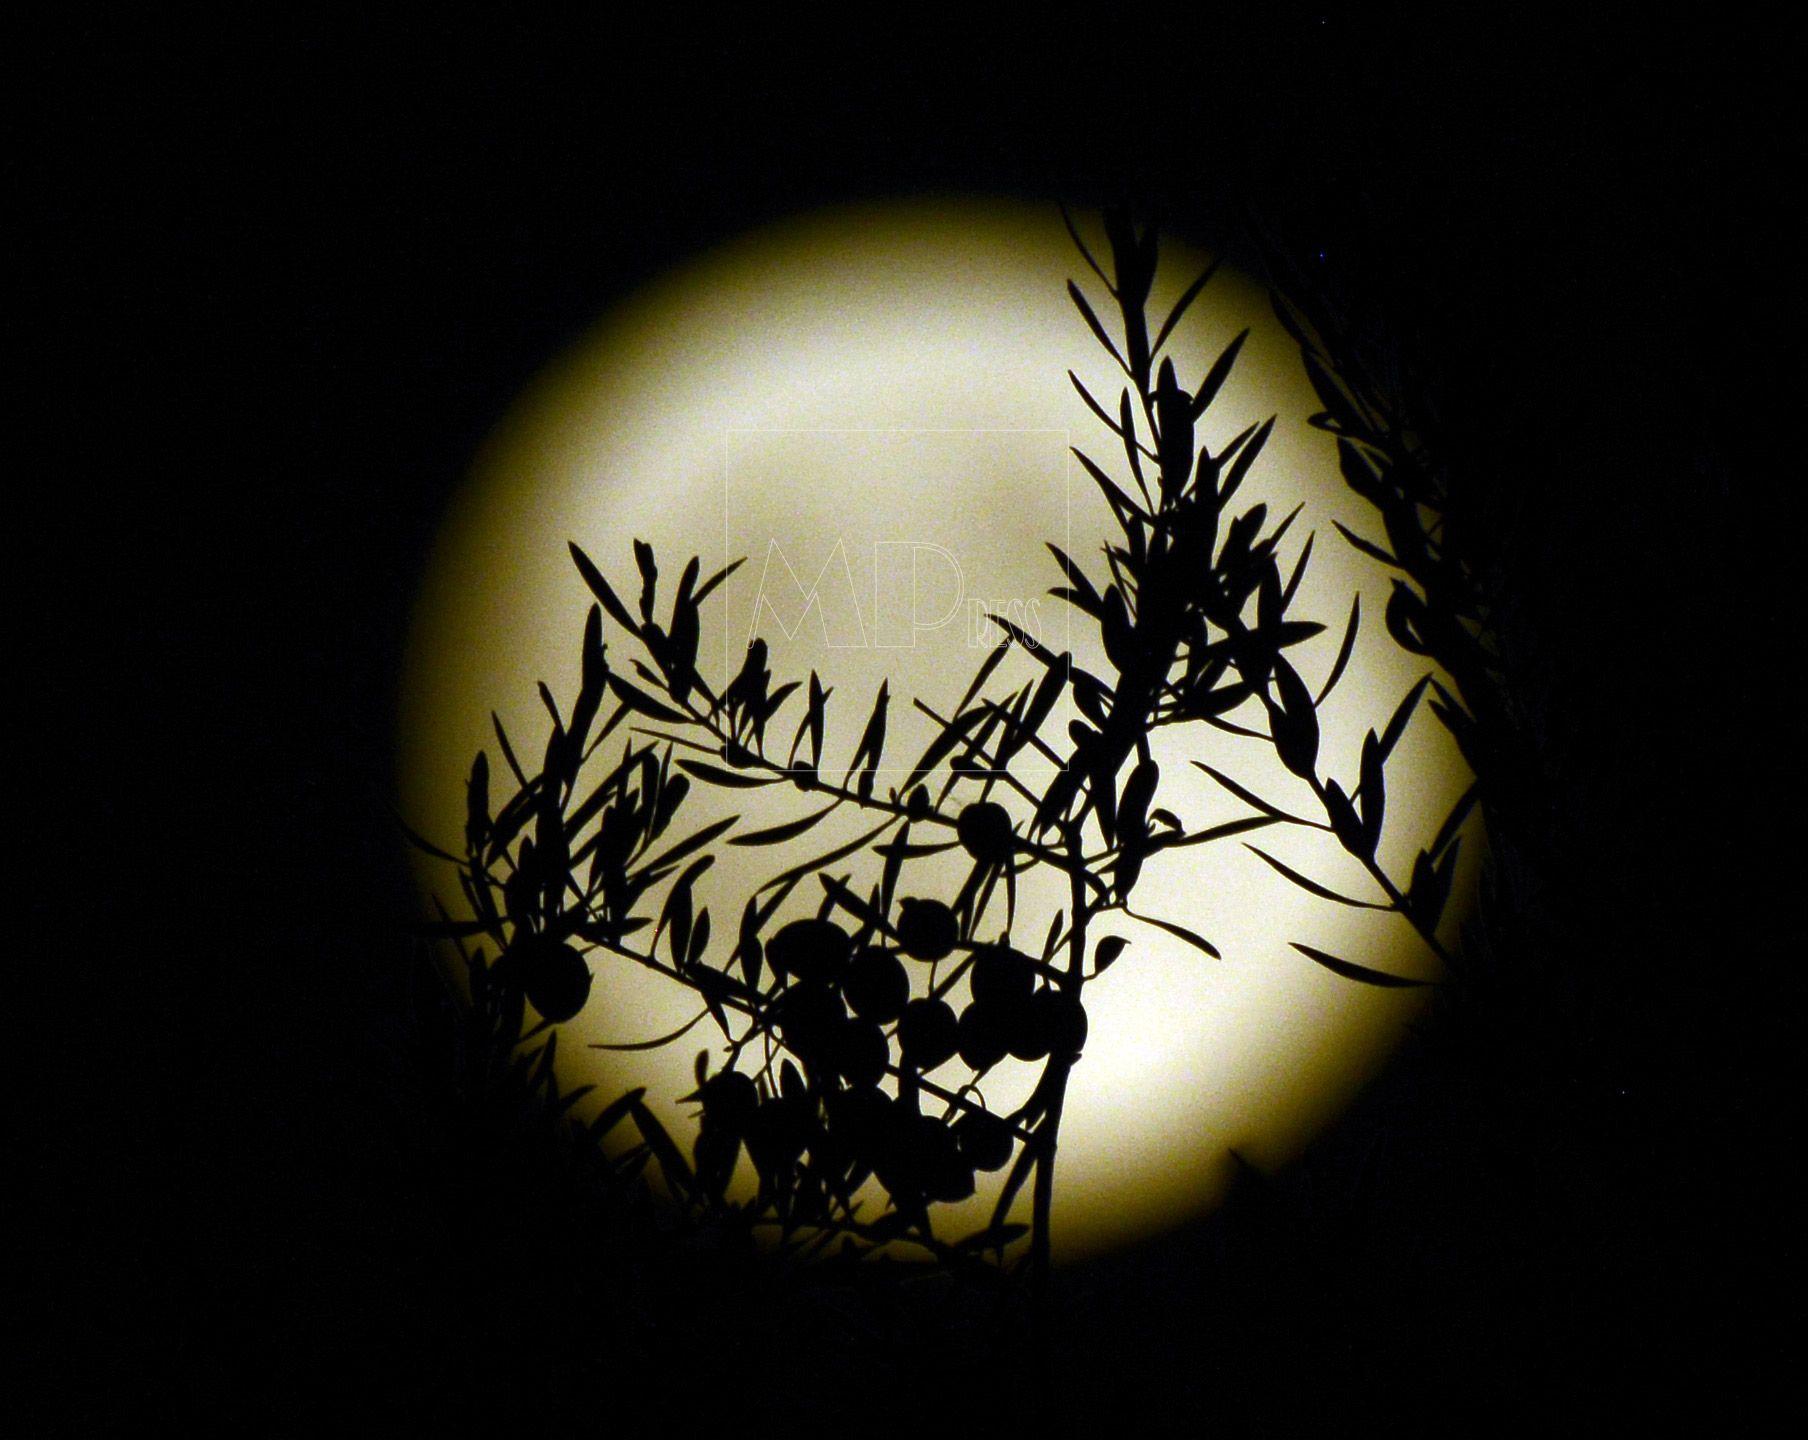 La luna ilumina las olivas en Cebolla, toledo